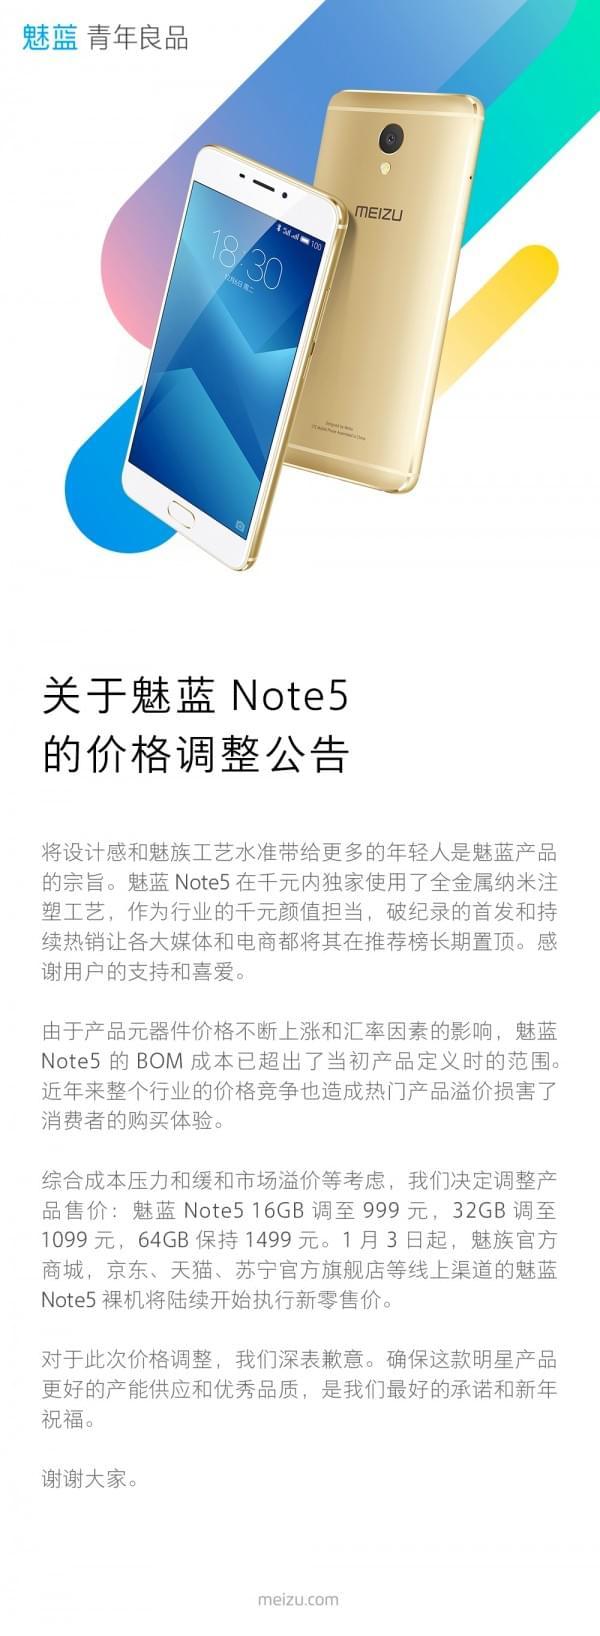 魅蓝Note 5涨价 源自成本+汇率压力的照片 - 2